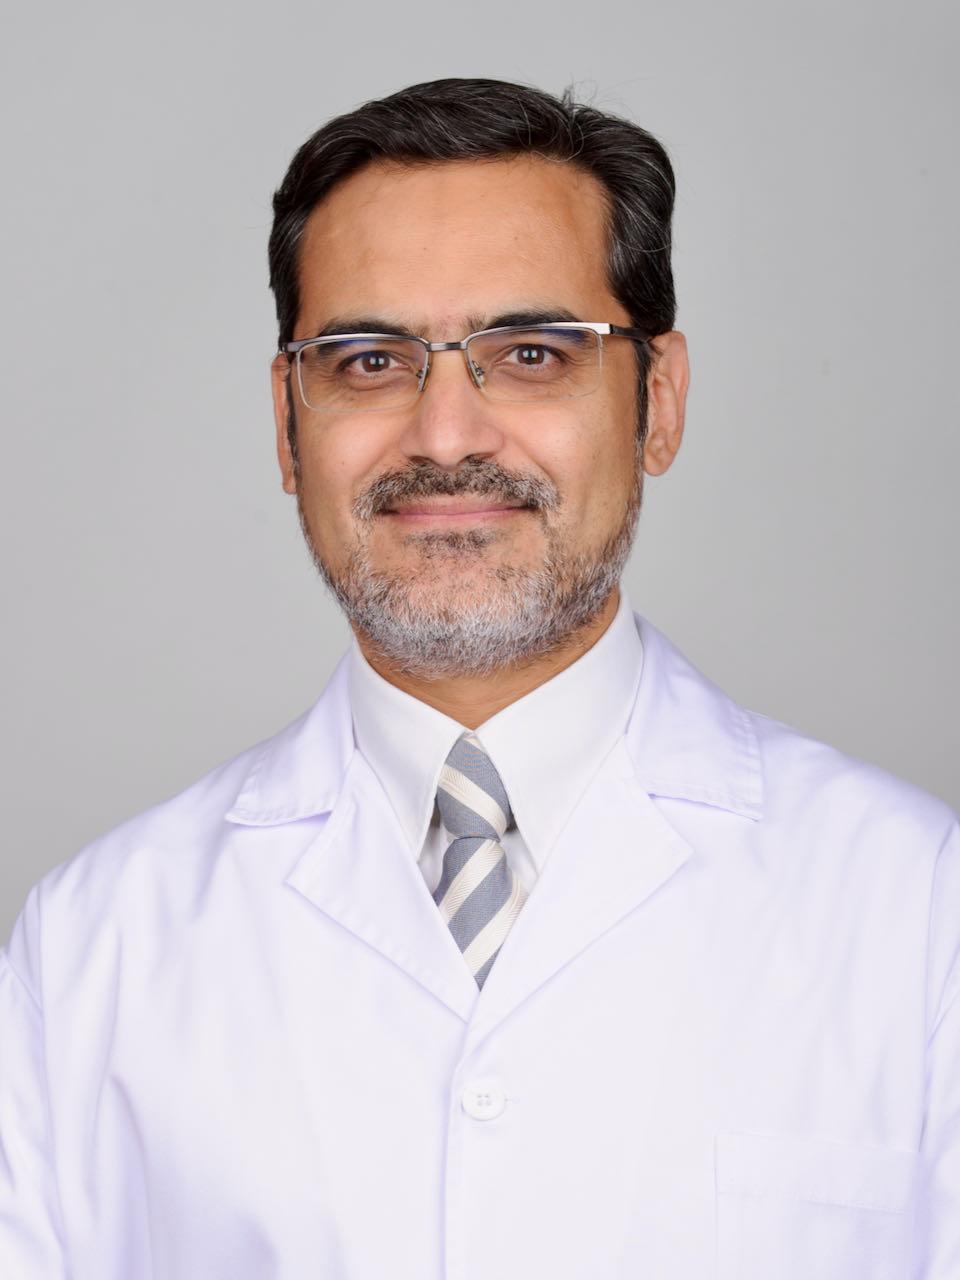 dr-rafael-villalobos-mori